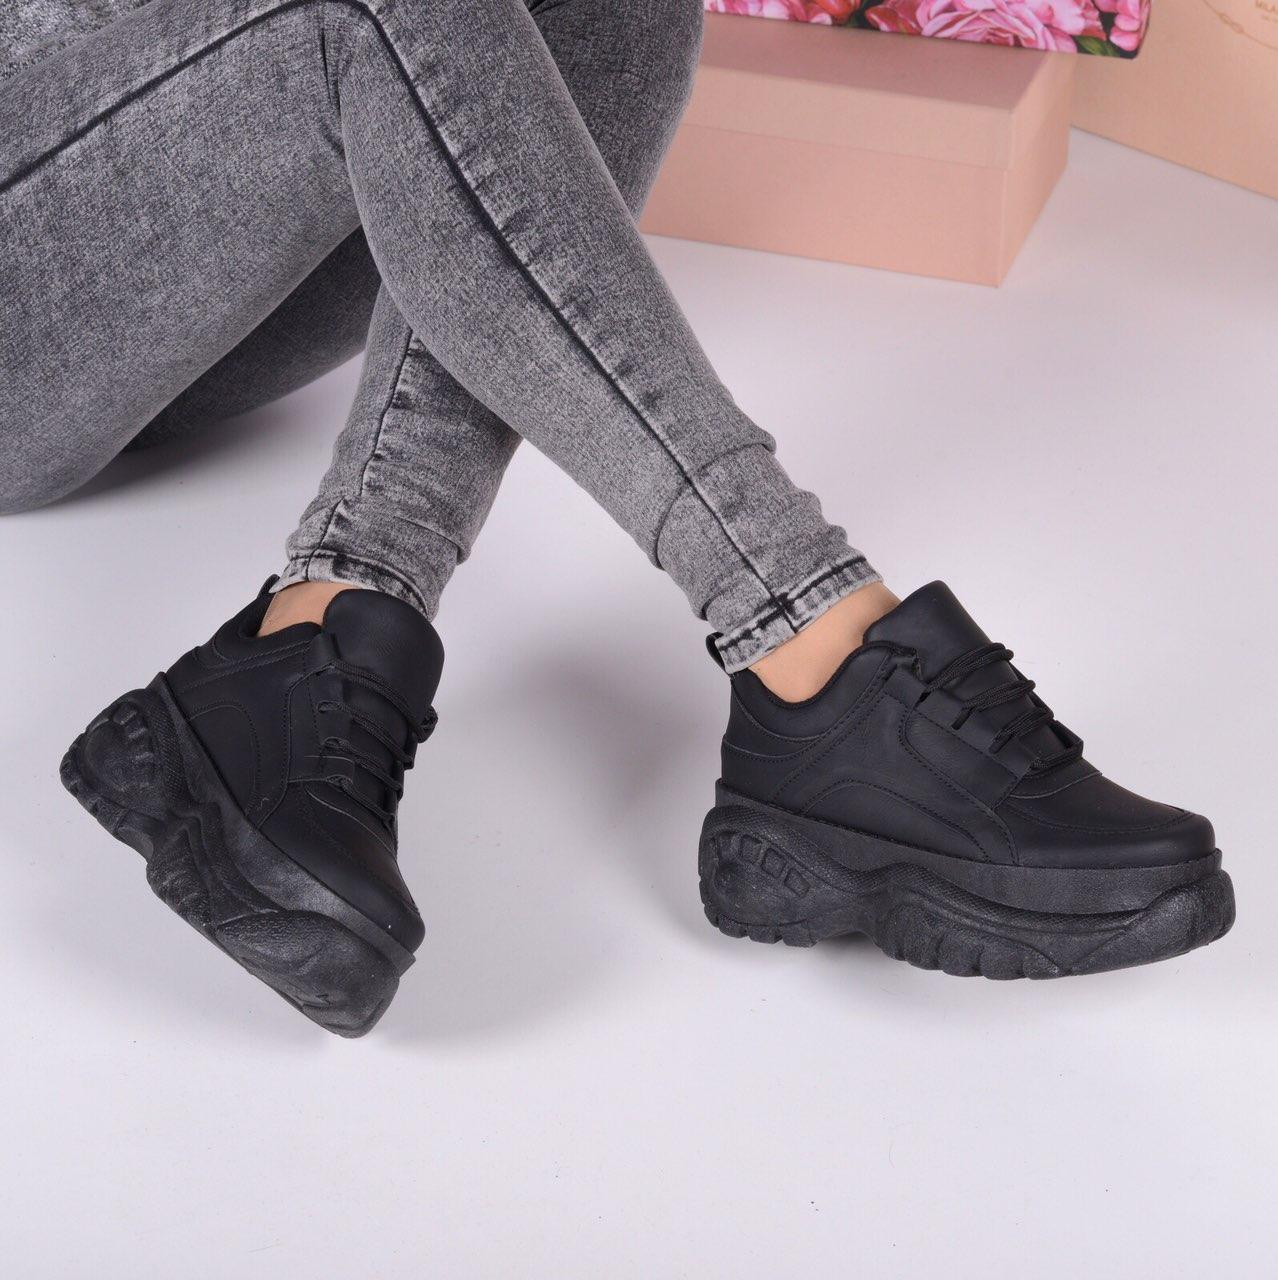 2b8a4a6e2612 Женские демисезонные чёрные кроссовки на высокой толстой подошве: продажа,  цена в ...